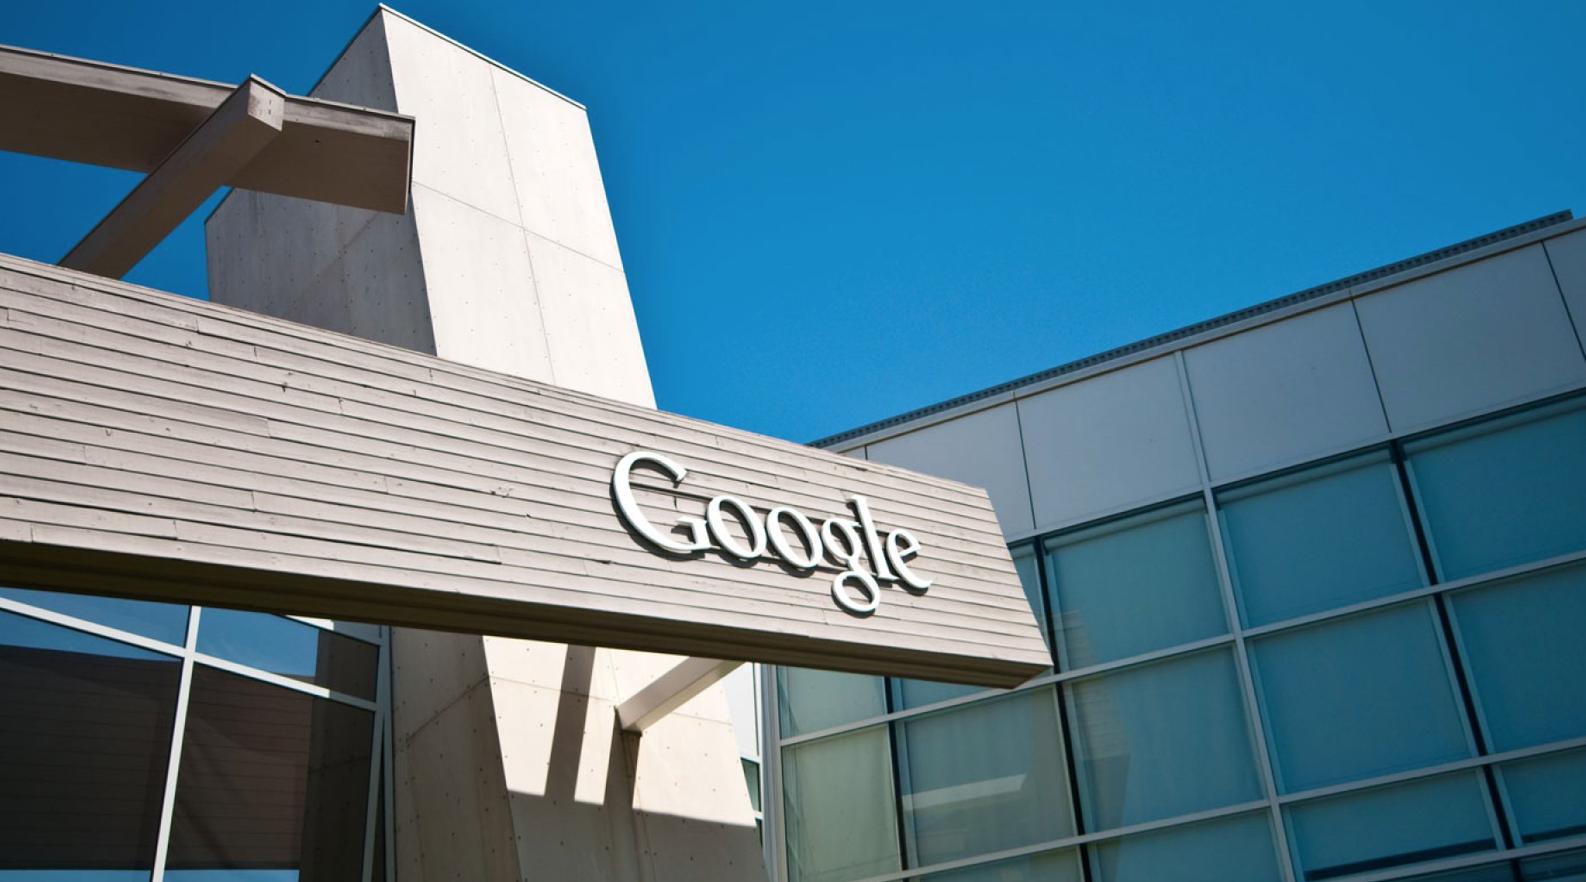 Google hótar að loka leitarvél í Ástralíu: Ógn við lýðræði og tjáningarfrelsi?